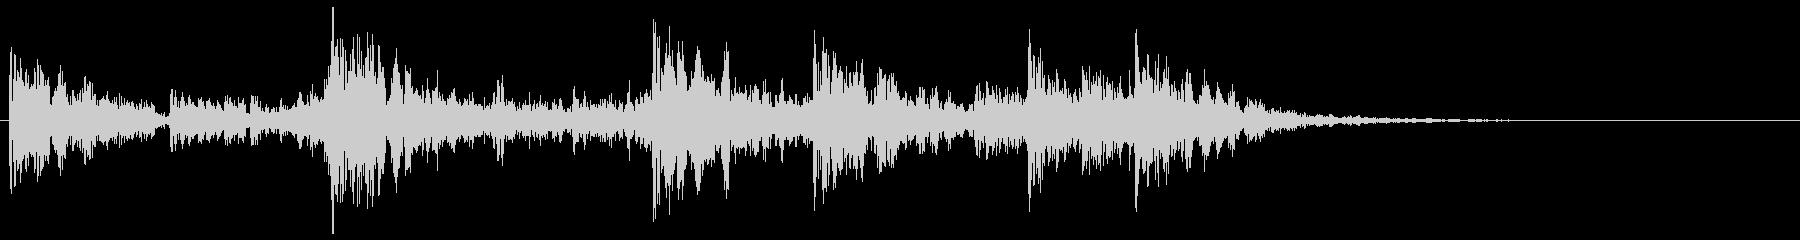 ティンパニ、打楽器の転回音 ドンンドコの未再生の波形